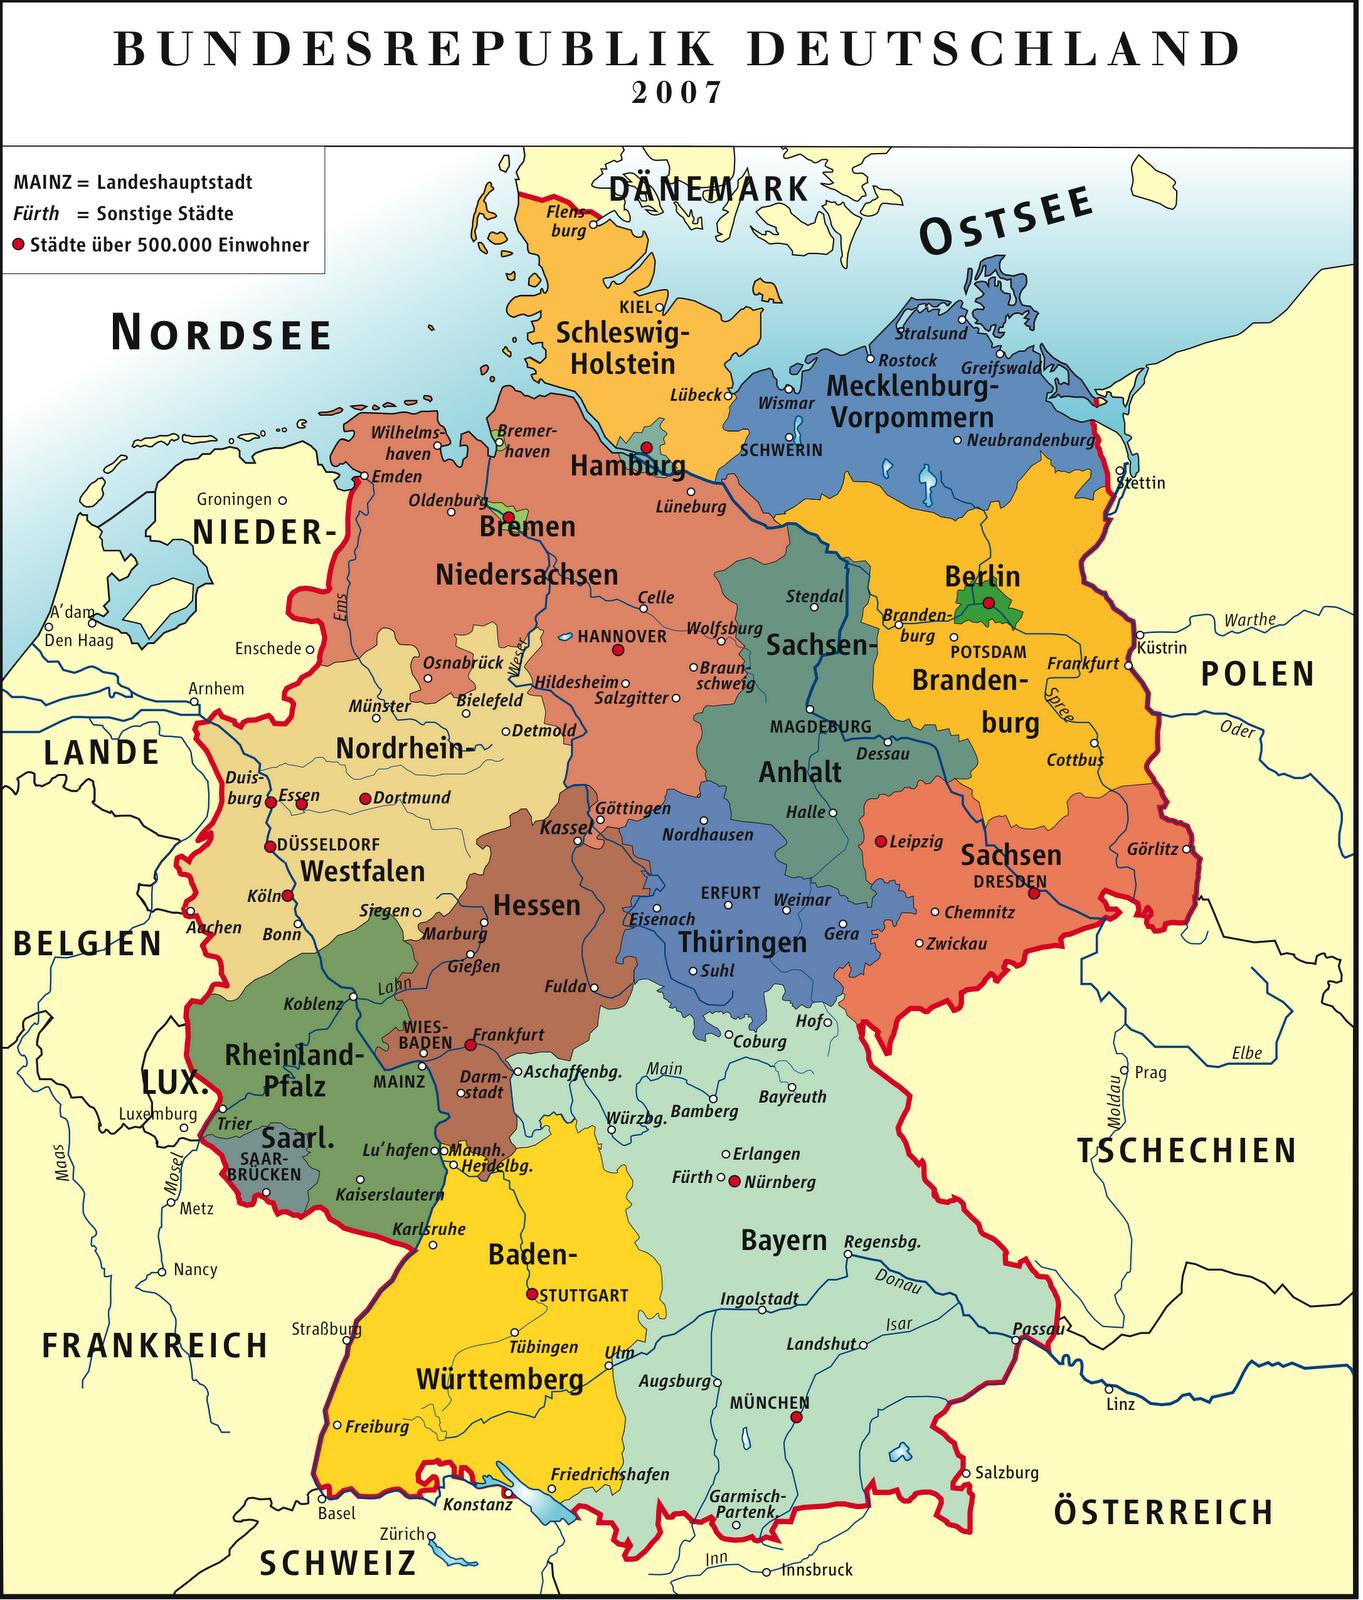 Deutschlandkarte blog: Deutschland karte Region Bild - Deutschland Karte 1939